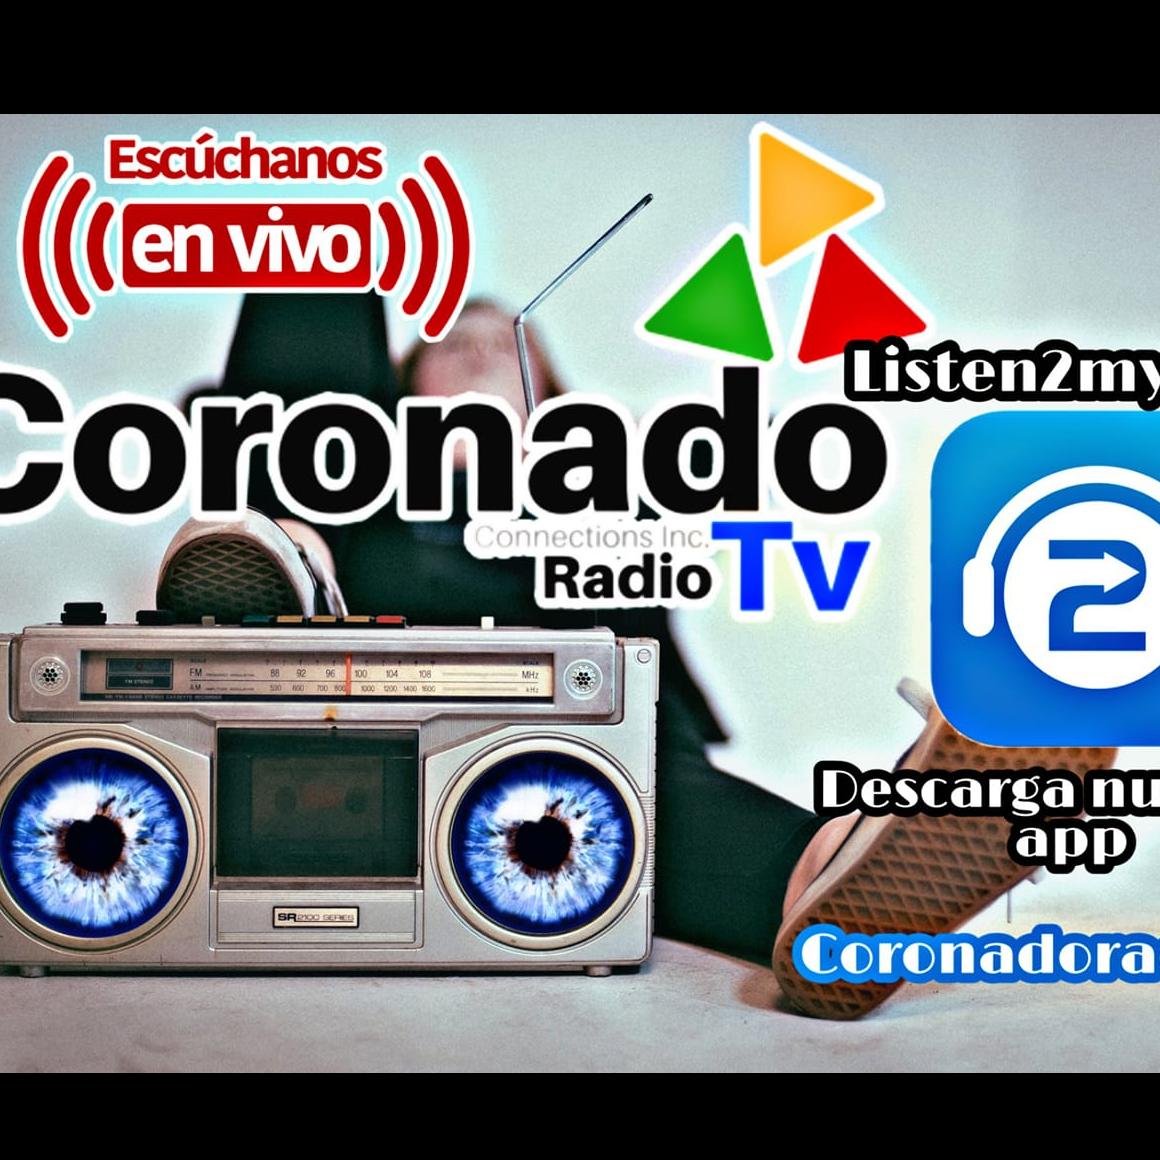 Coronado Radio TV